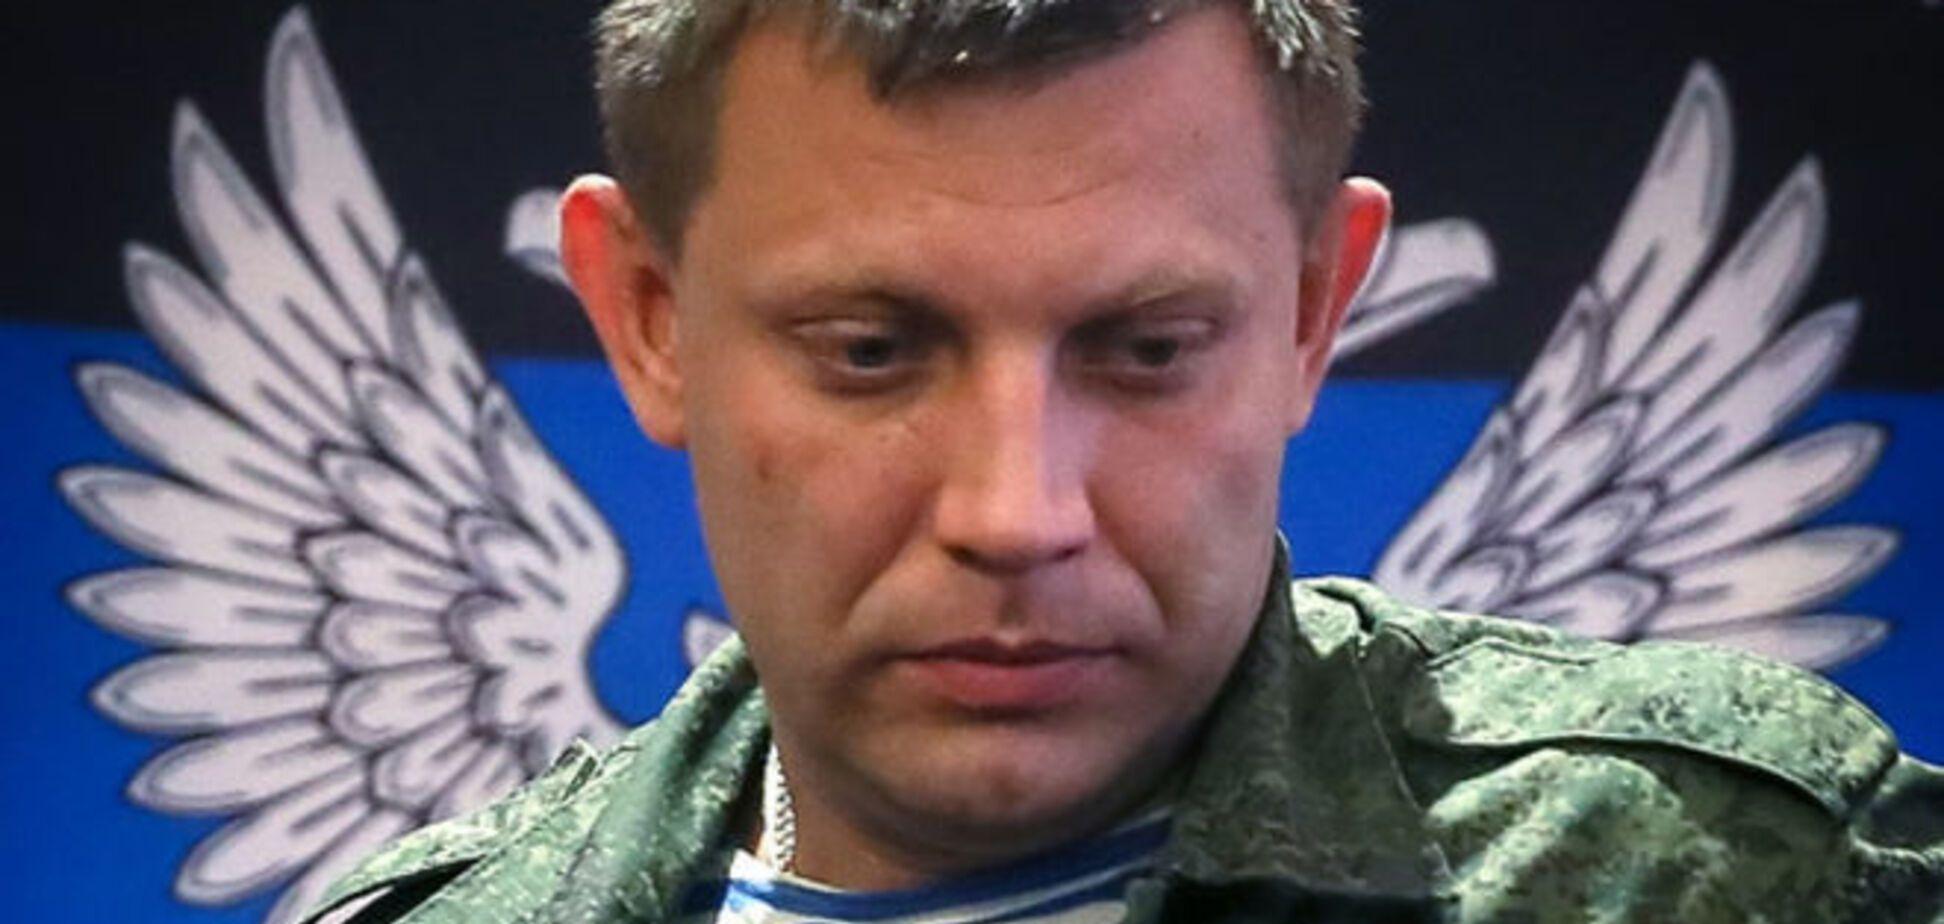 'Совсем плох?' Захарченко сообщил миссии ОБСЕ о своей болезни